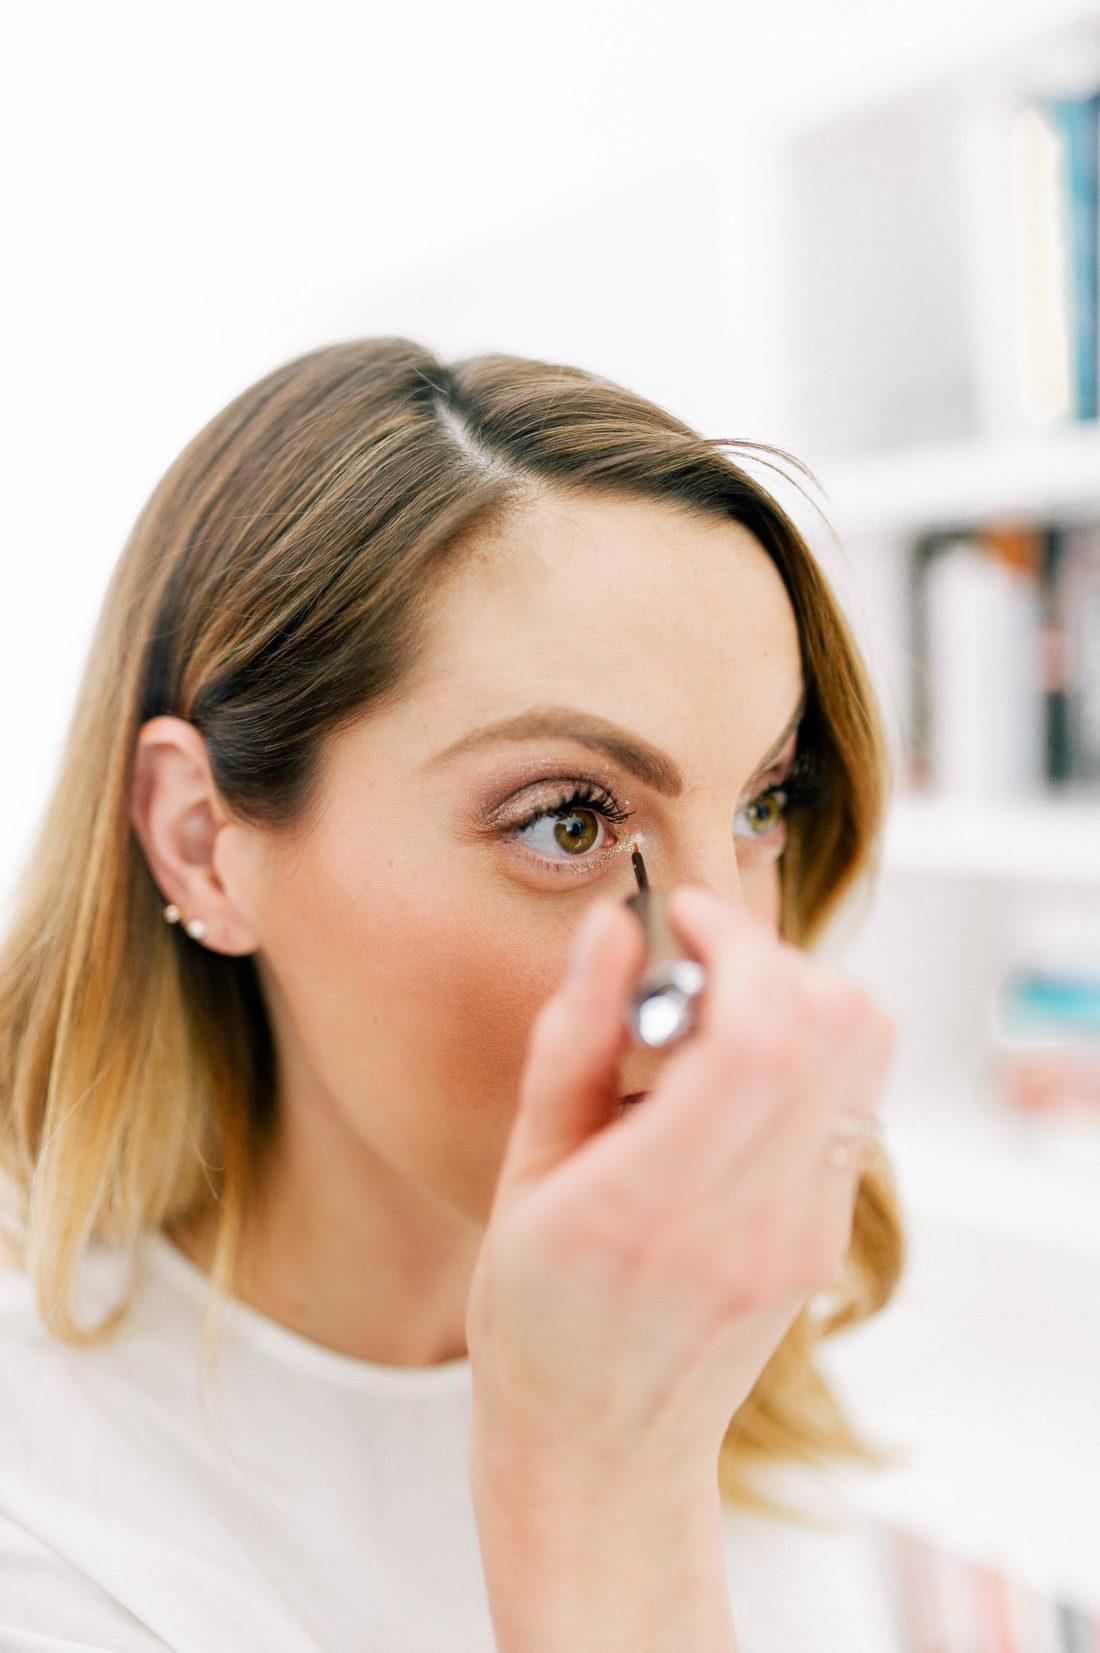 Eva Amurri Martino applies glitter eyeliner to the innter corners of her eyes